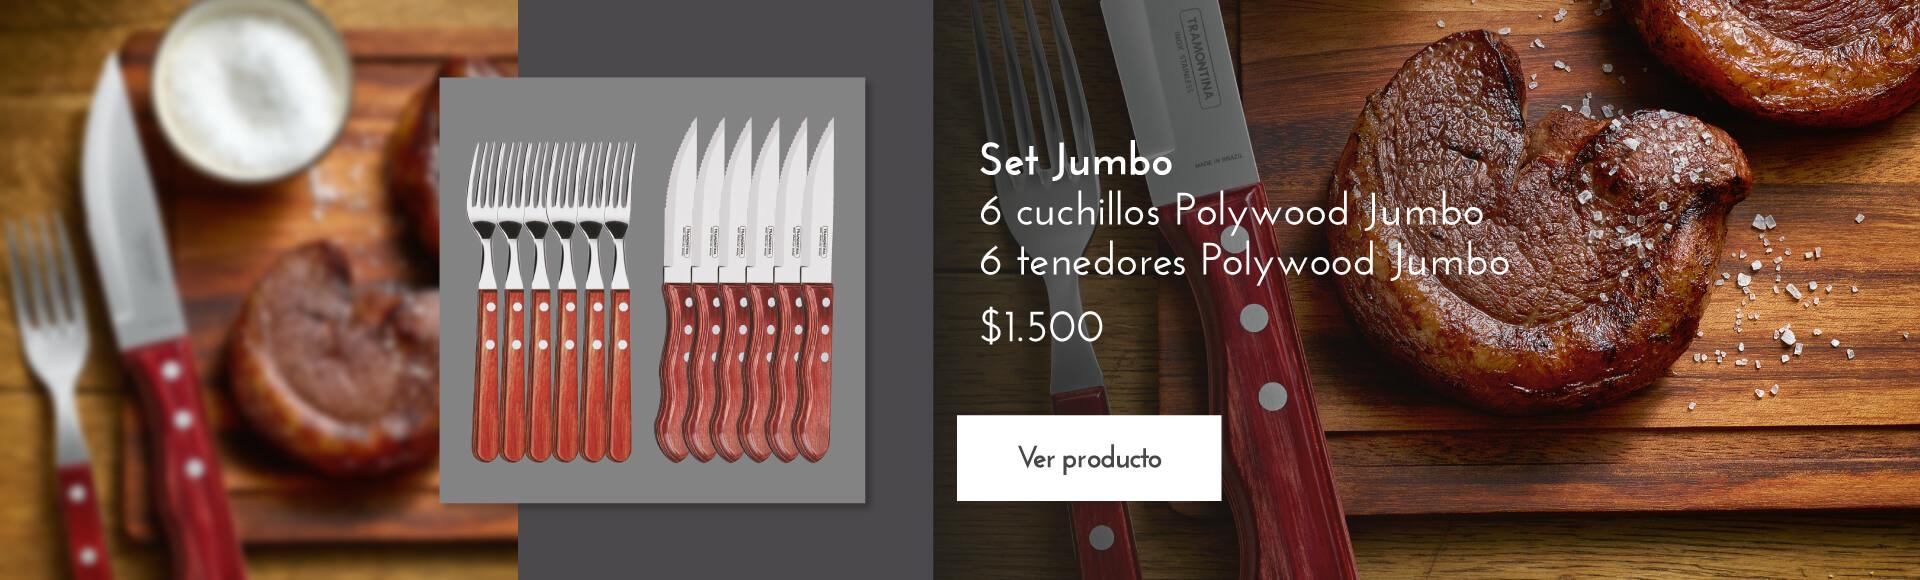 Jumbo 6cuchillos 6 tenedores